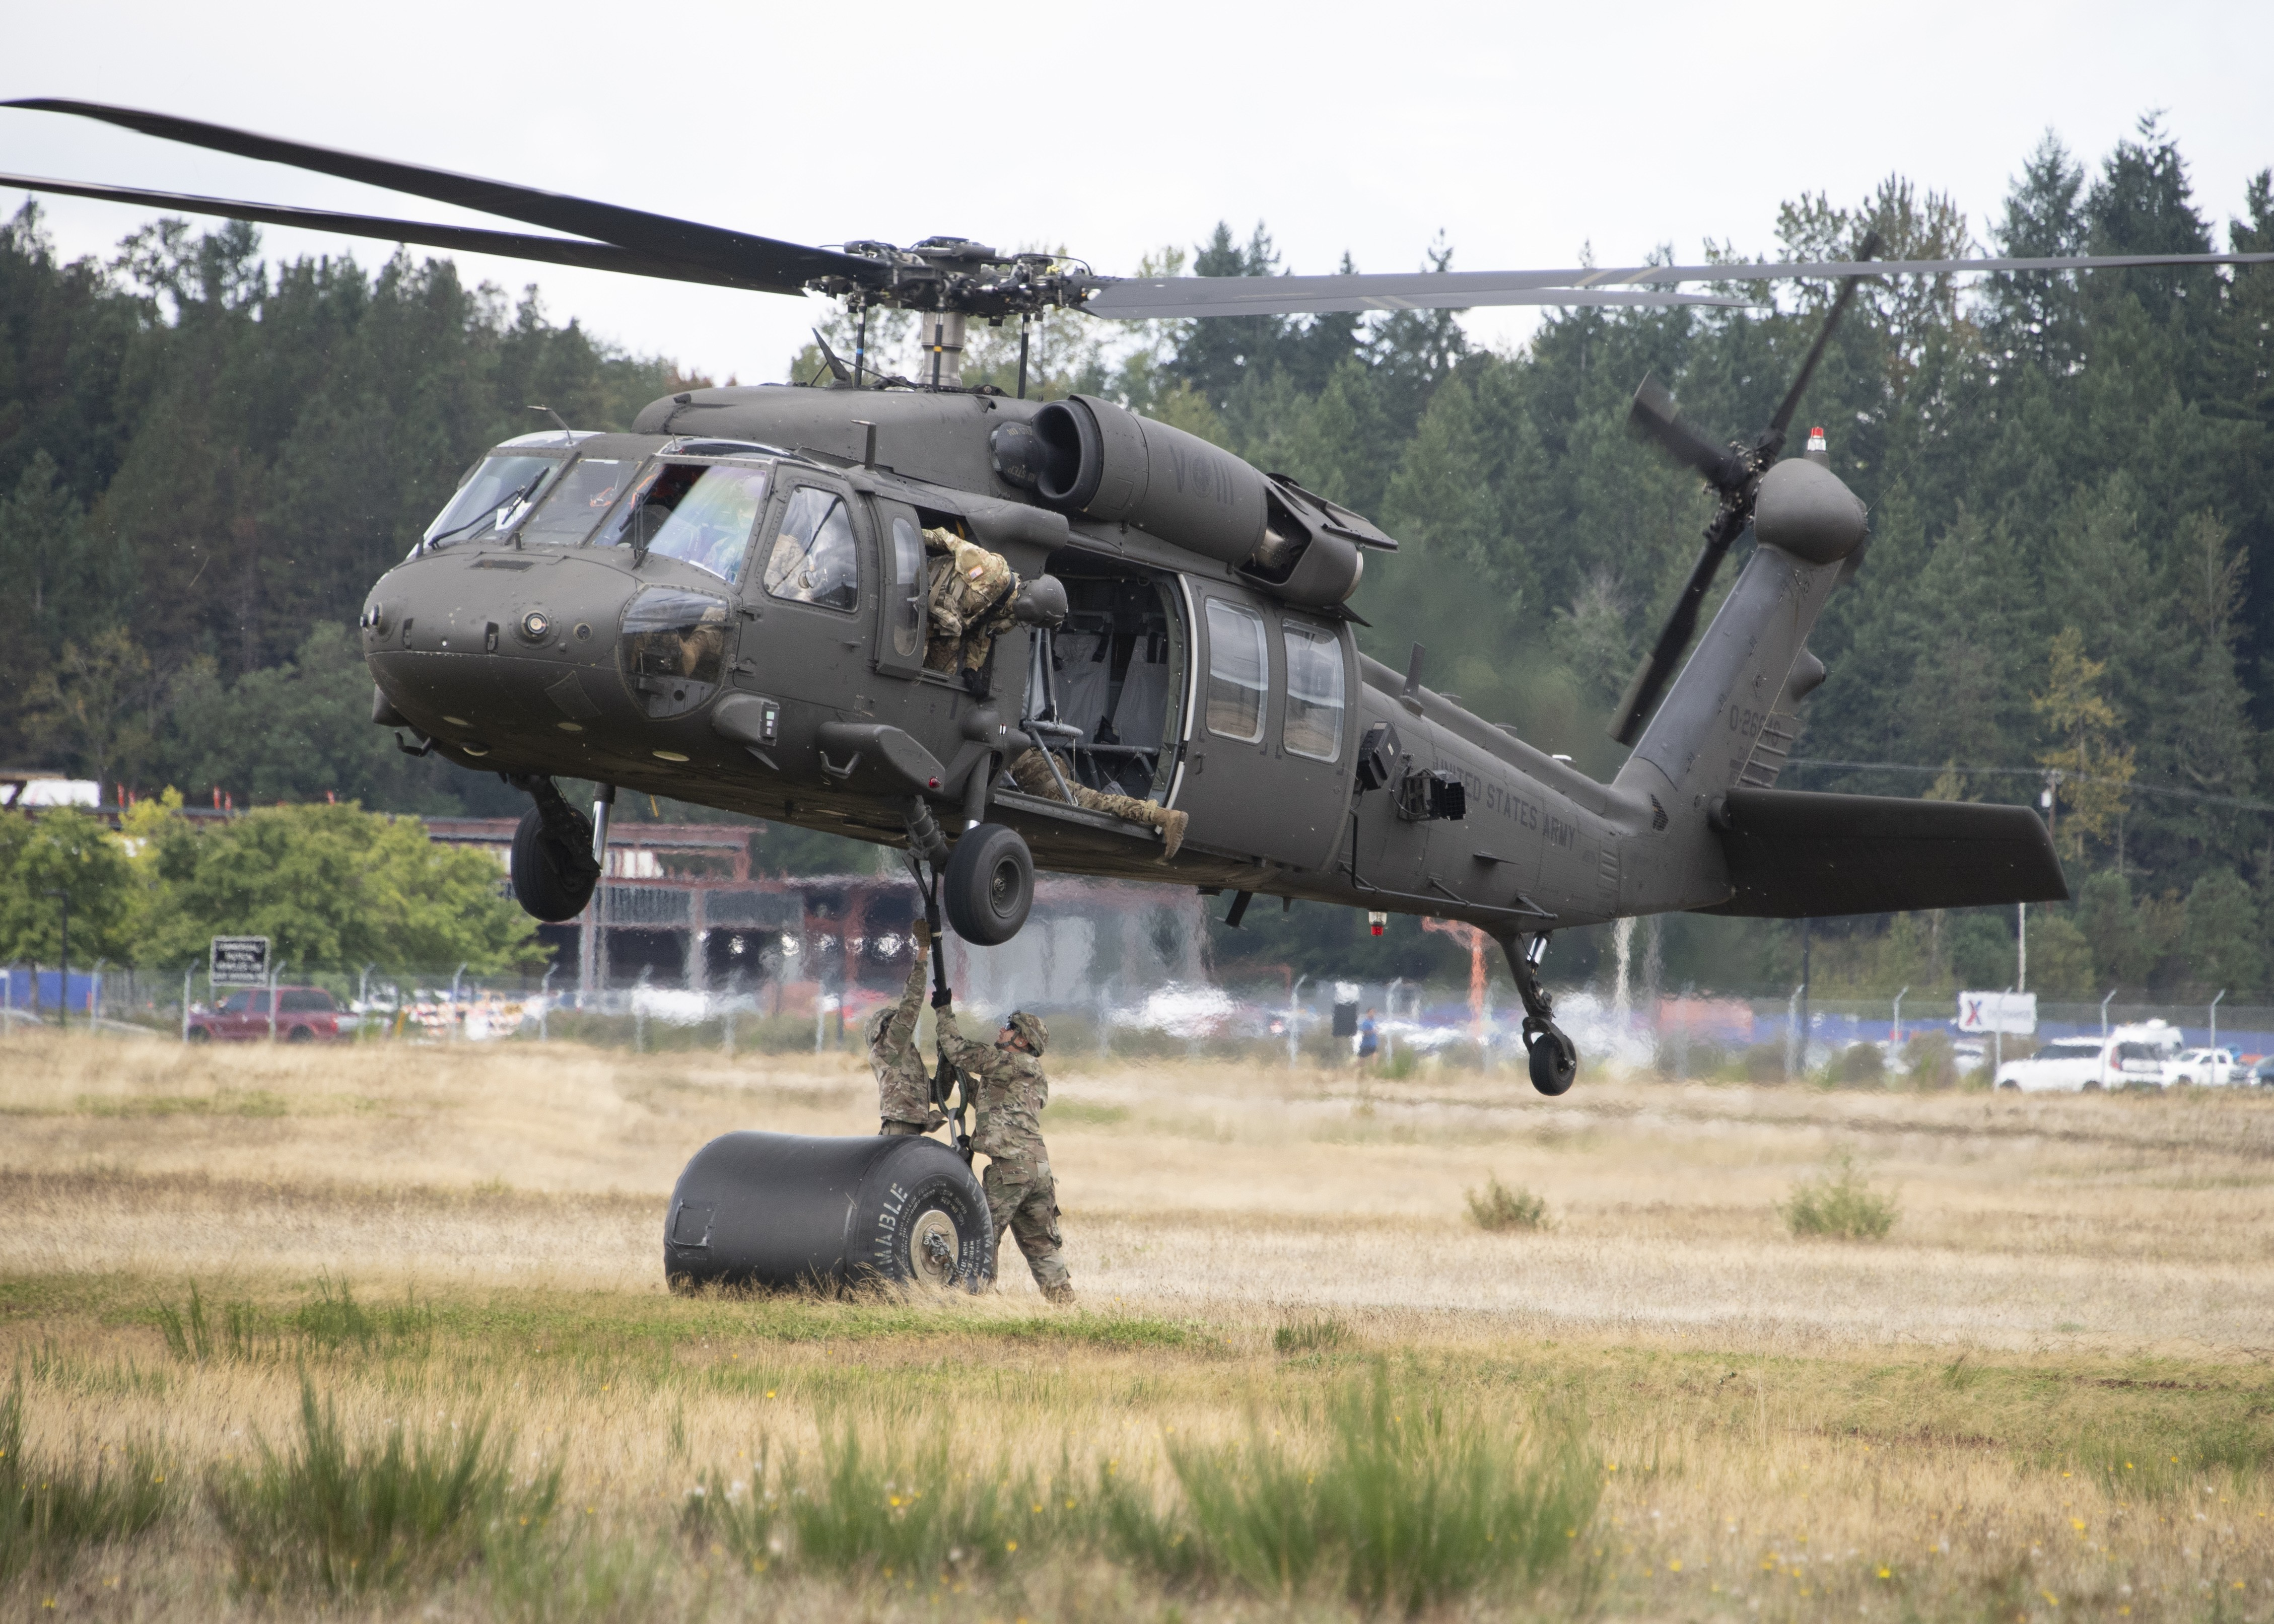 UH-60V Black Hawk, czyli od¶wie¿ona wersja s³awnego ¶mig³owca wchodzi do czynnej s³u¿by